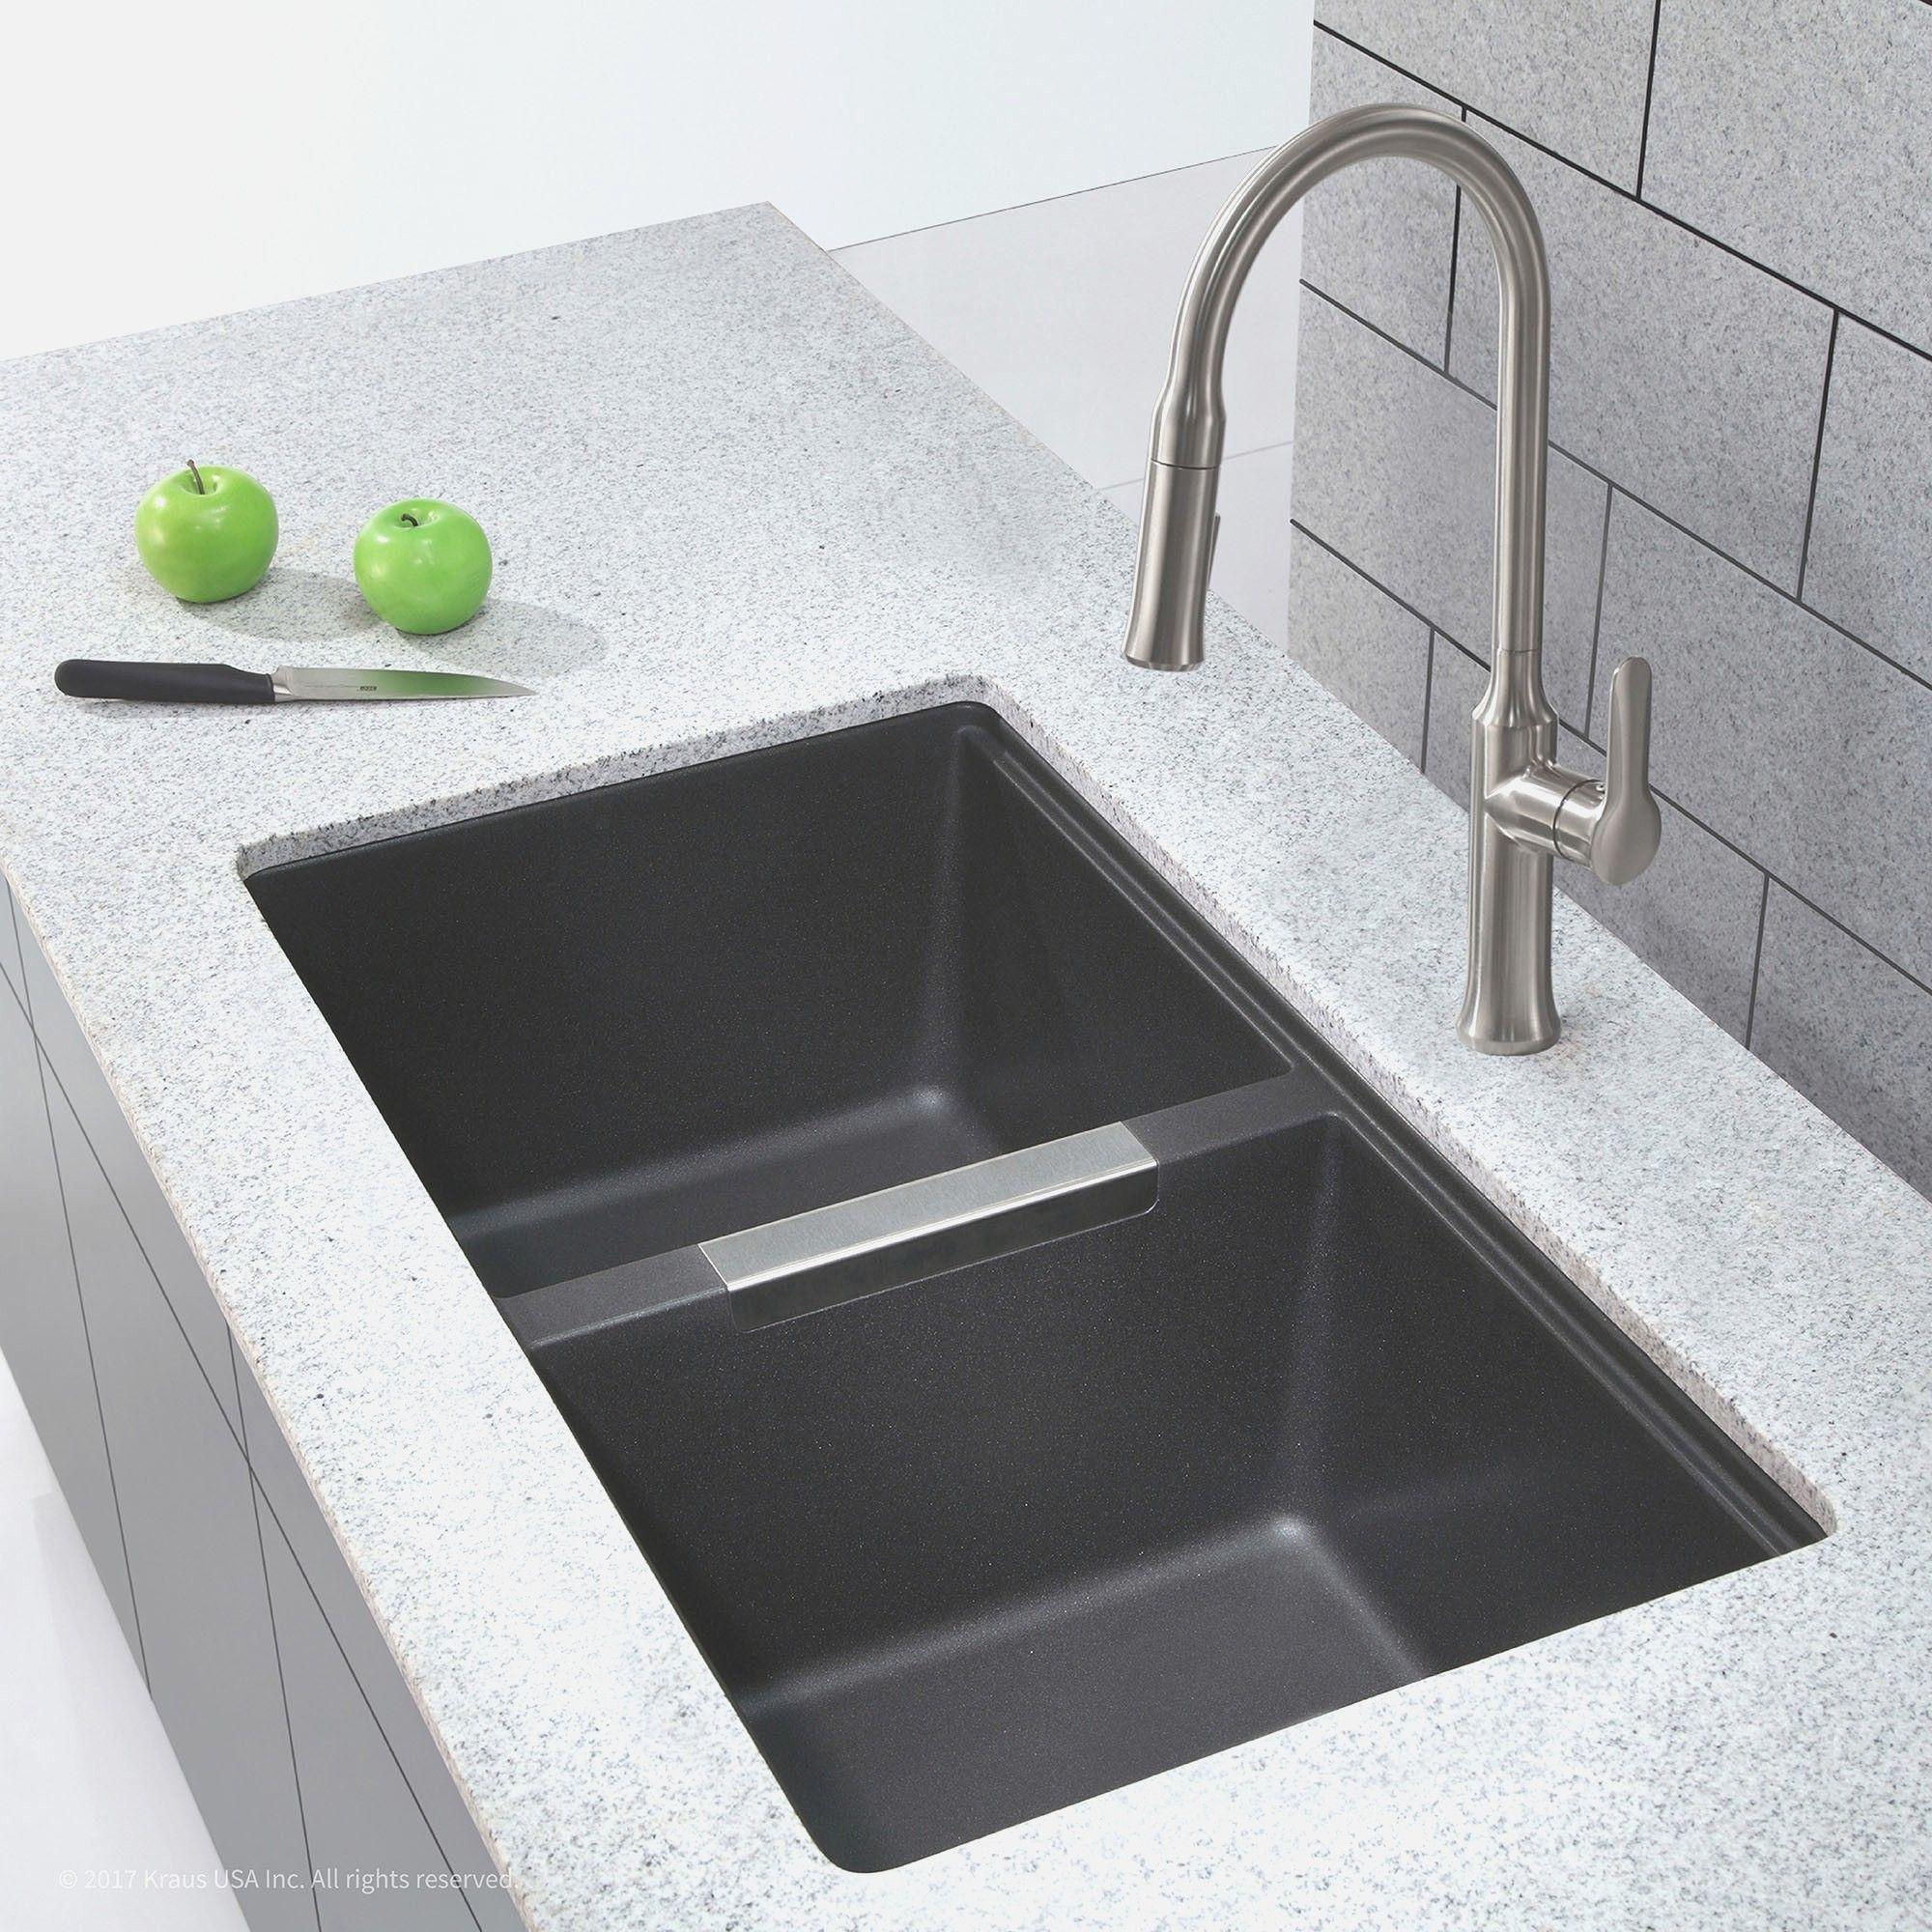 Kitchen Sink with Cutting Board - american standard kitchen sink ...